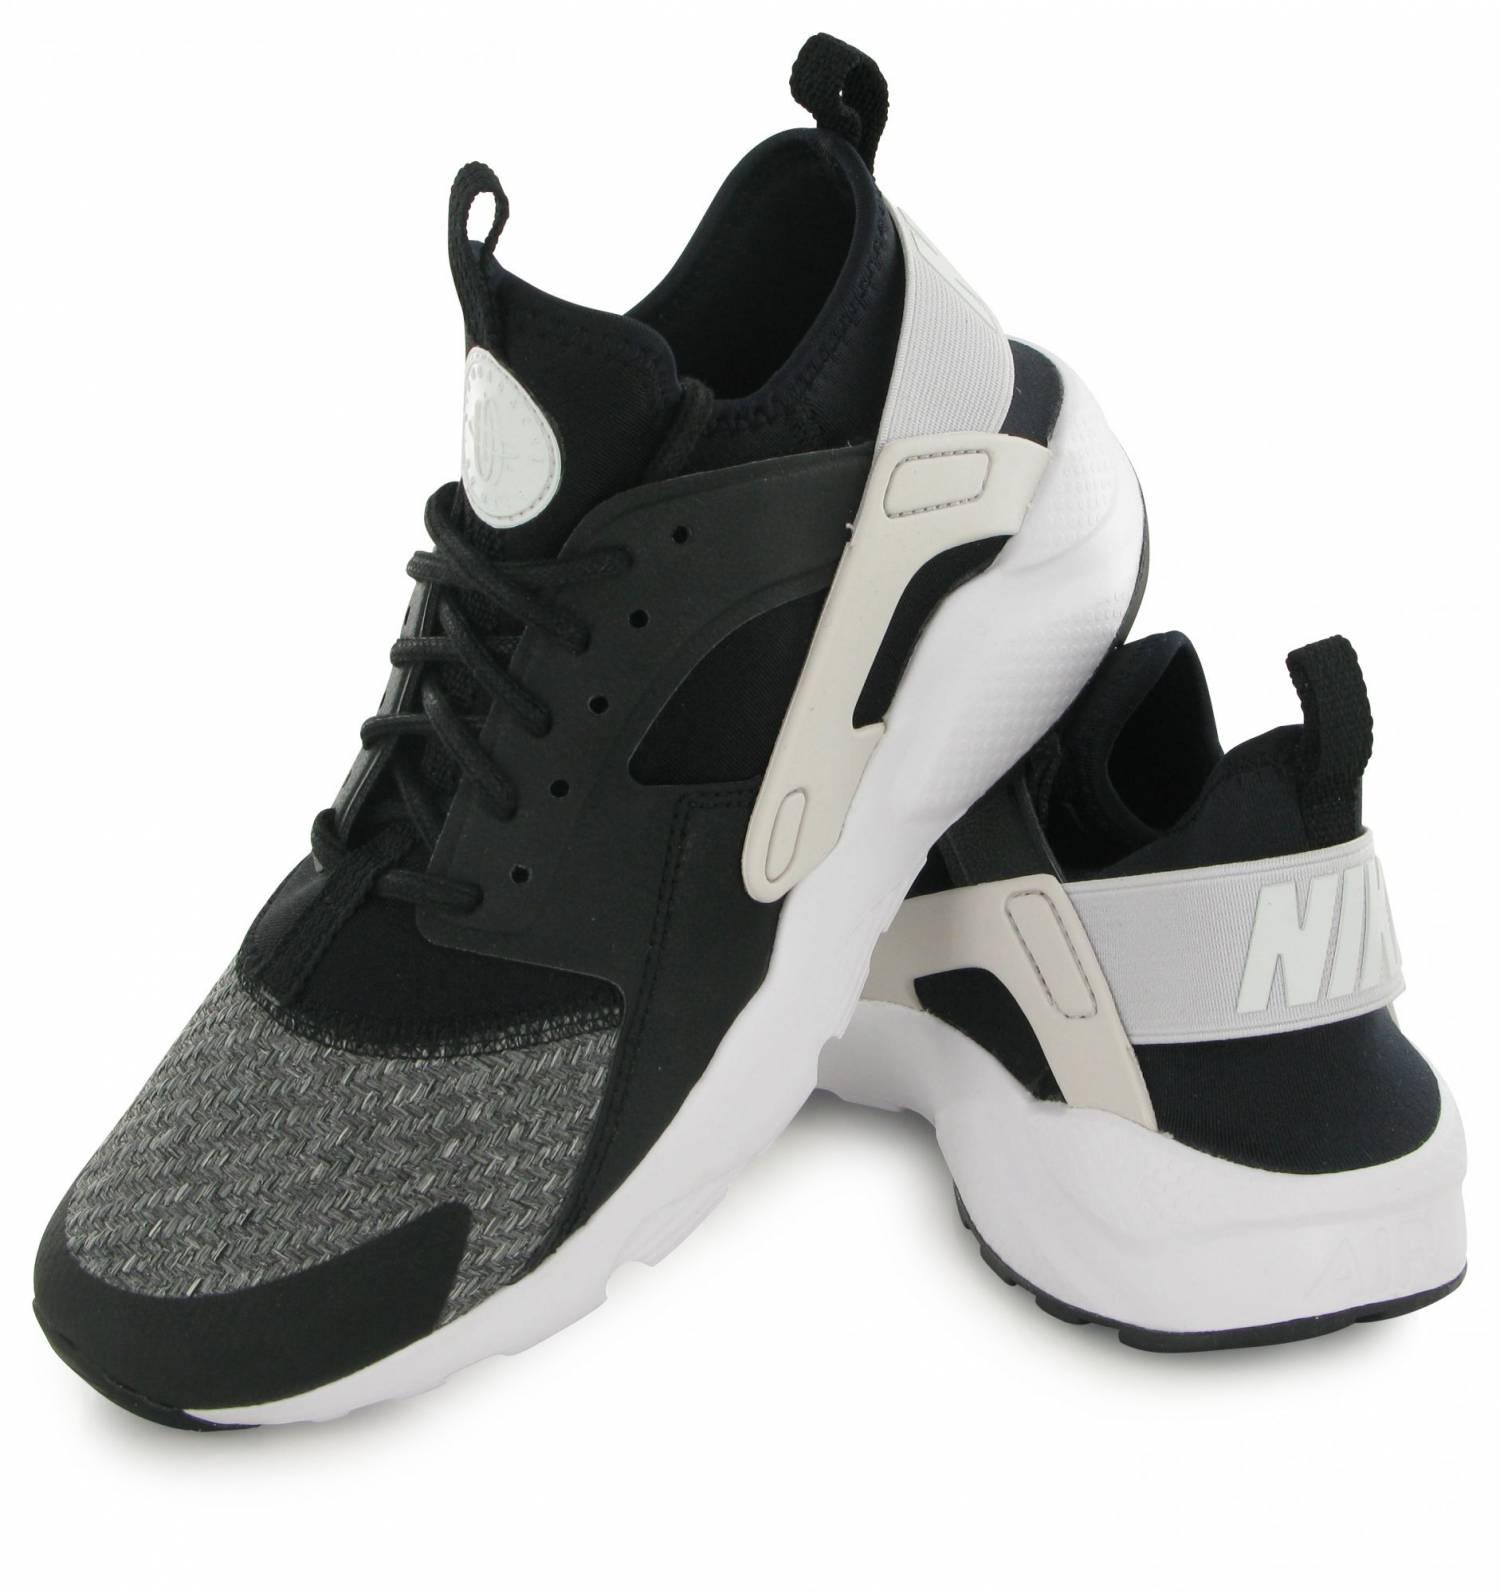 meet dc443 ddae6 Nike Air Huarache Run Ultra Se Junior Noir   Gris   Blanc. Zoom